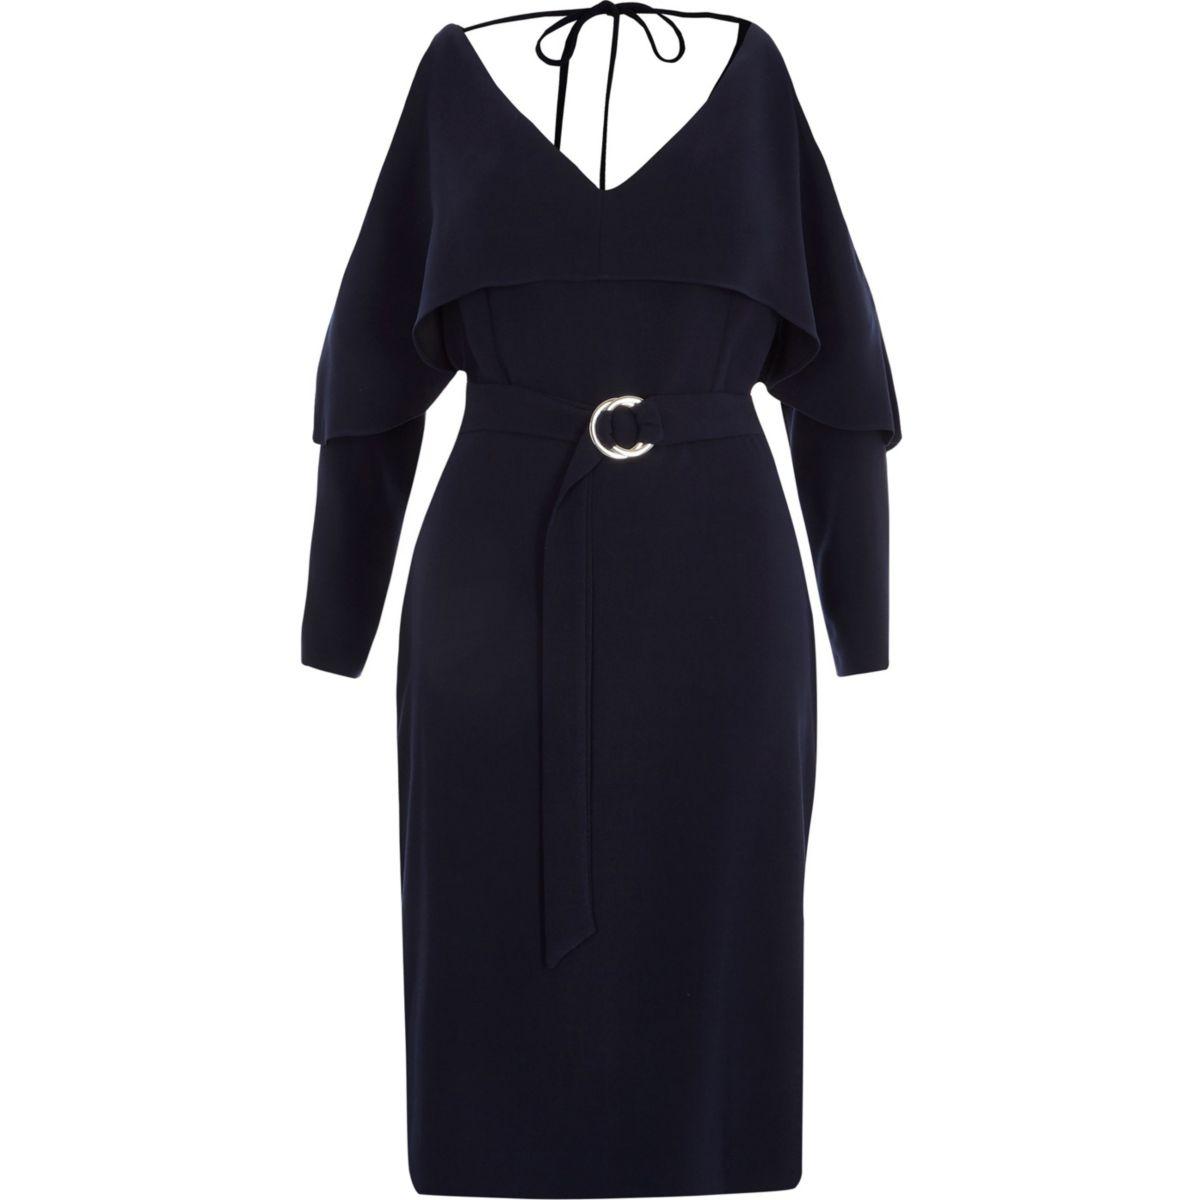 Navy cold shoulder frill belted dress